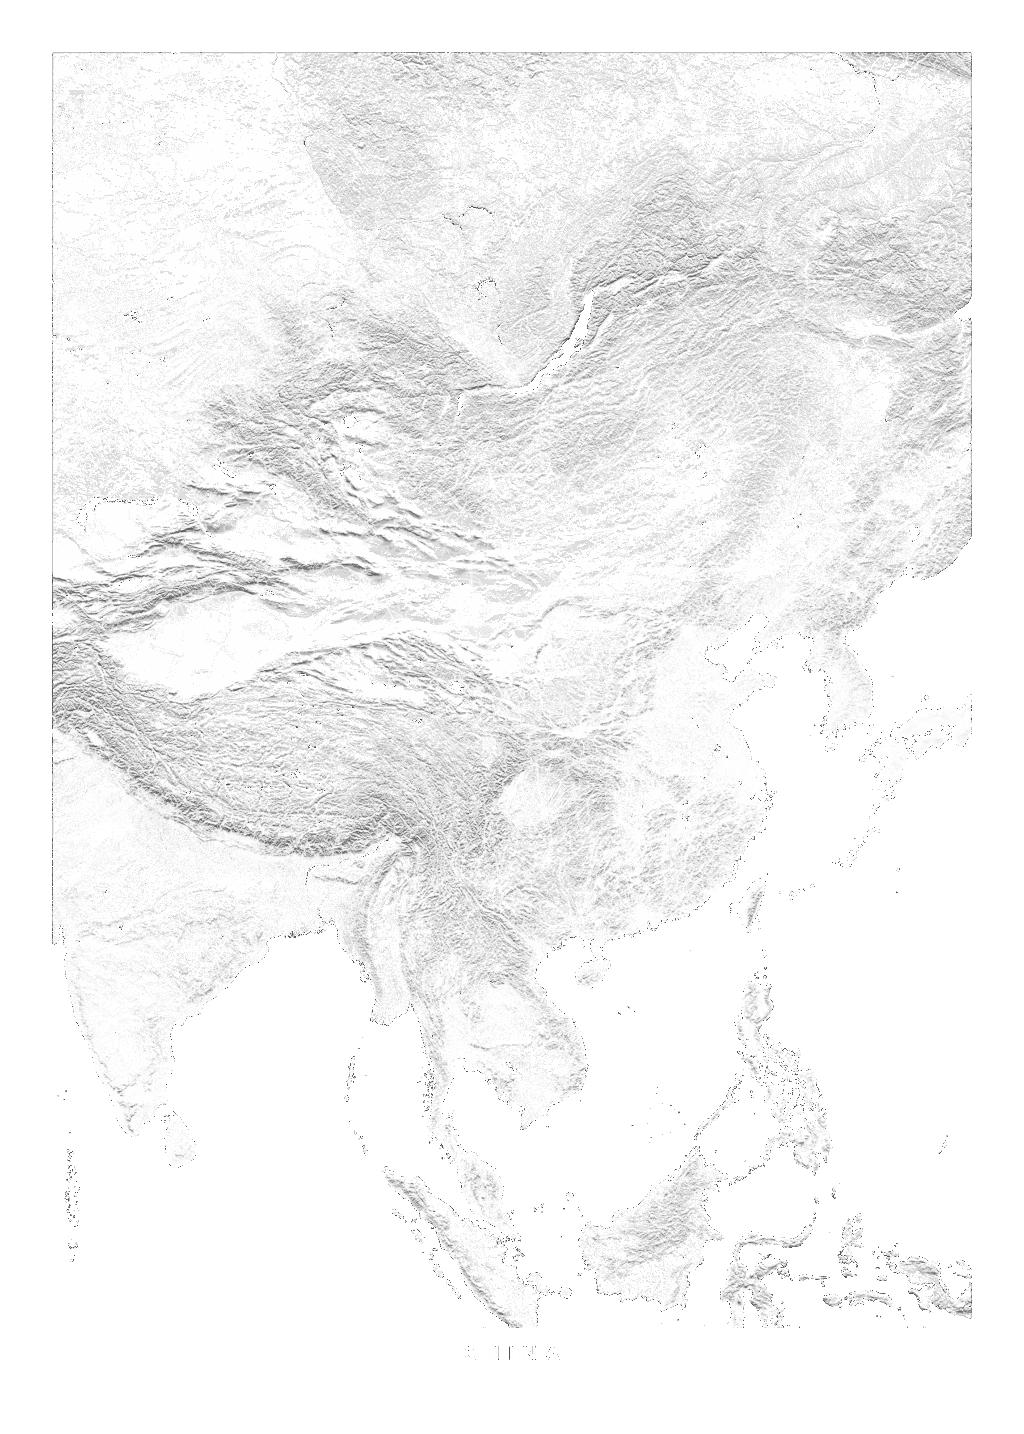 China wall map